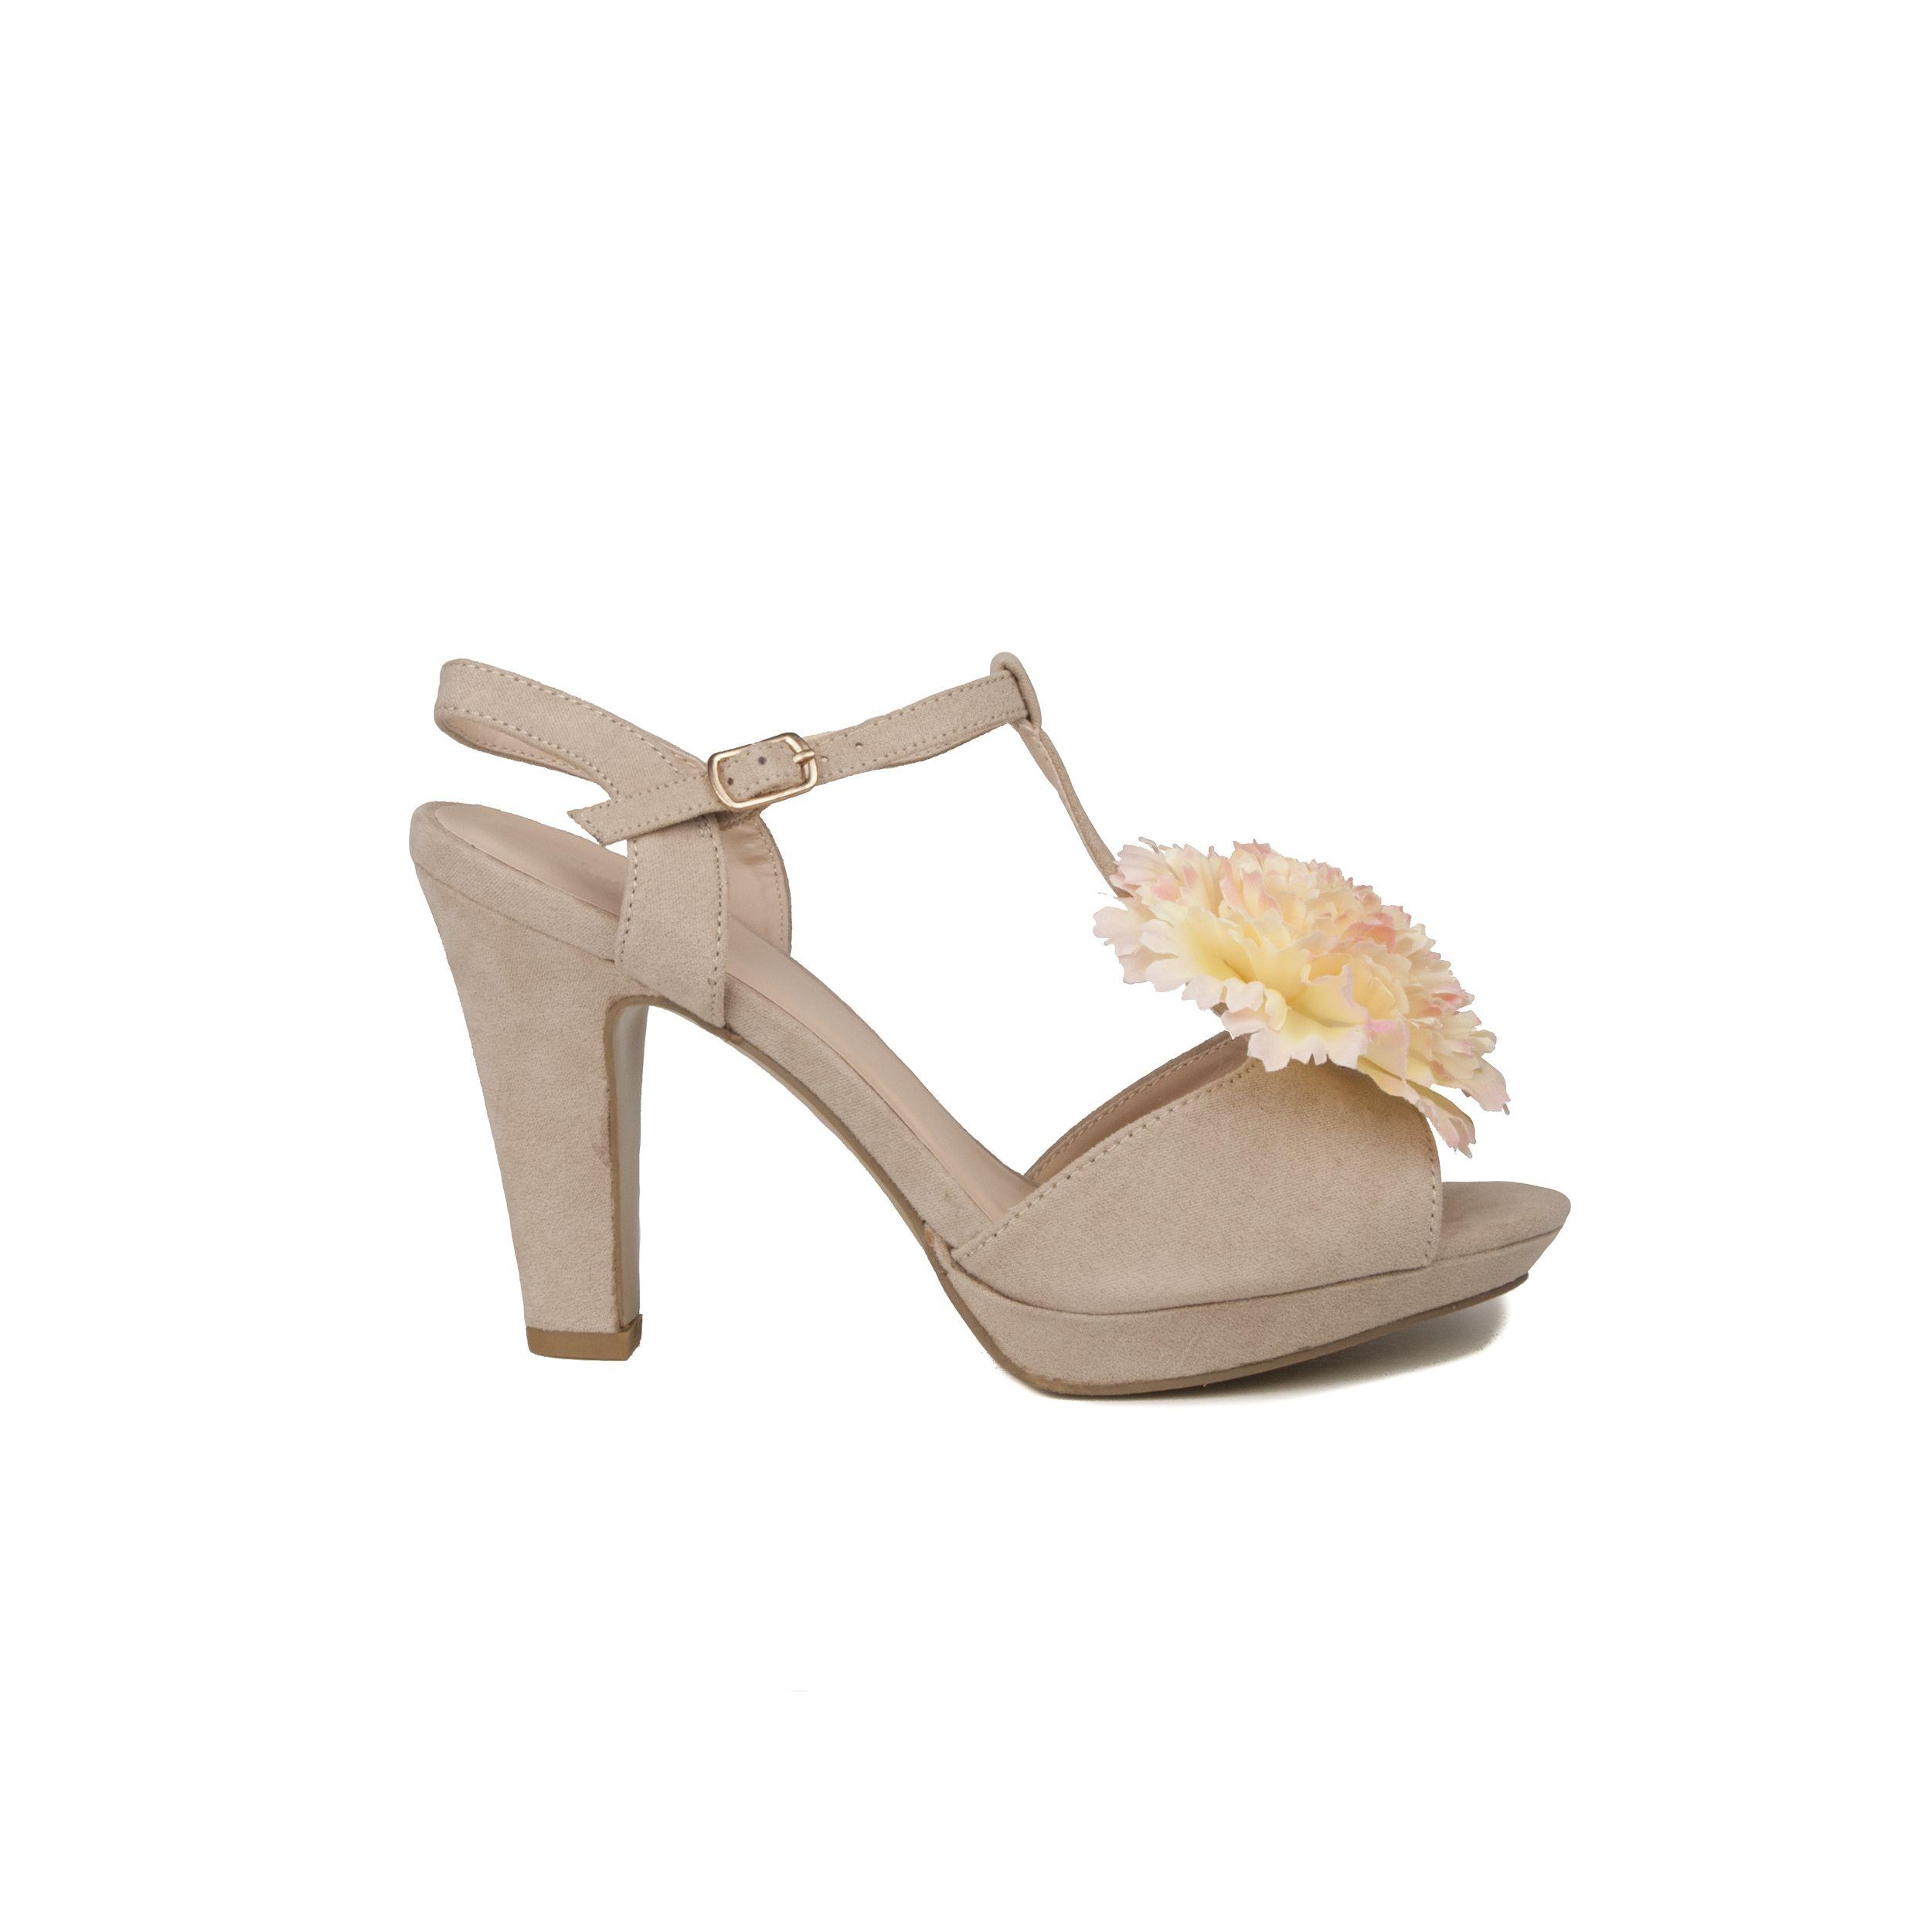 Maria Graor Heeled Shoe in Beige